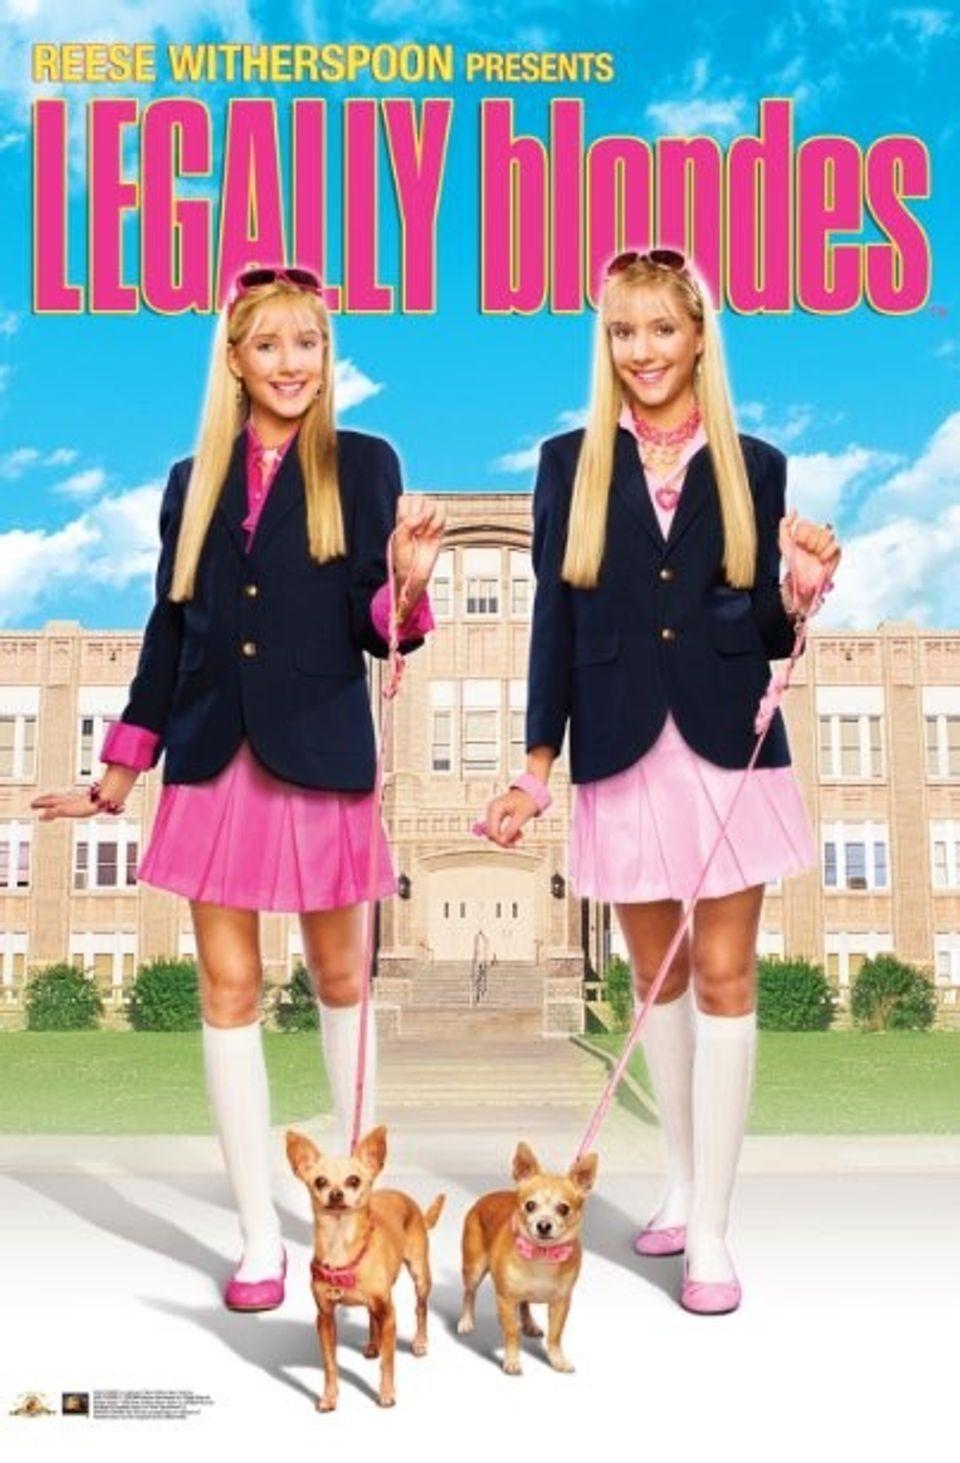 """ภ.ฝรั่ง """"ลีกัลลี่ บลอนด์ 3 สาวบลอนด์ค่ะ ดี๊ด๊าคูณสอง"""" (LEGALLY BLONDES)"""